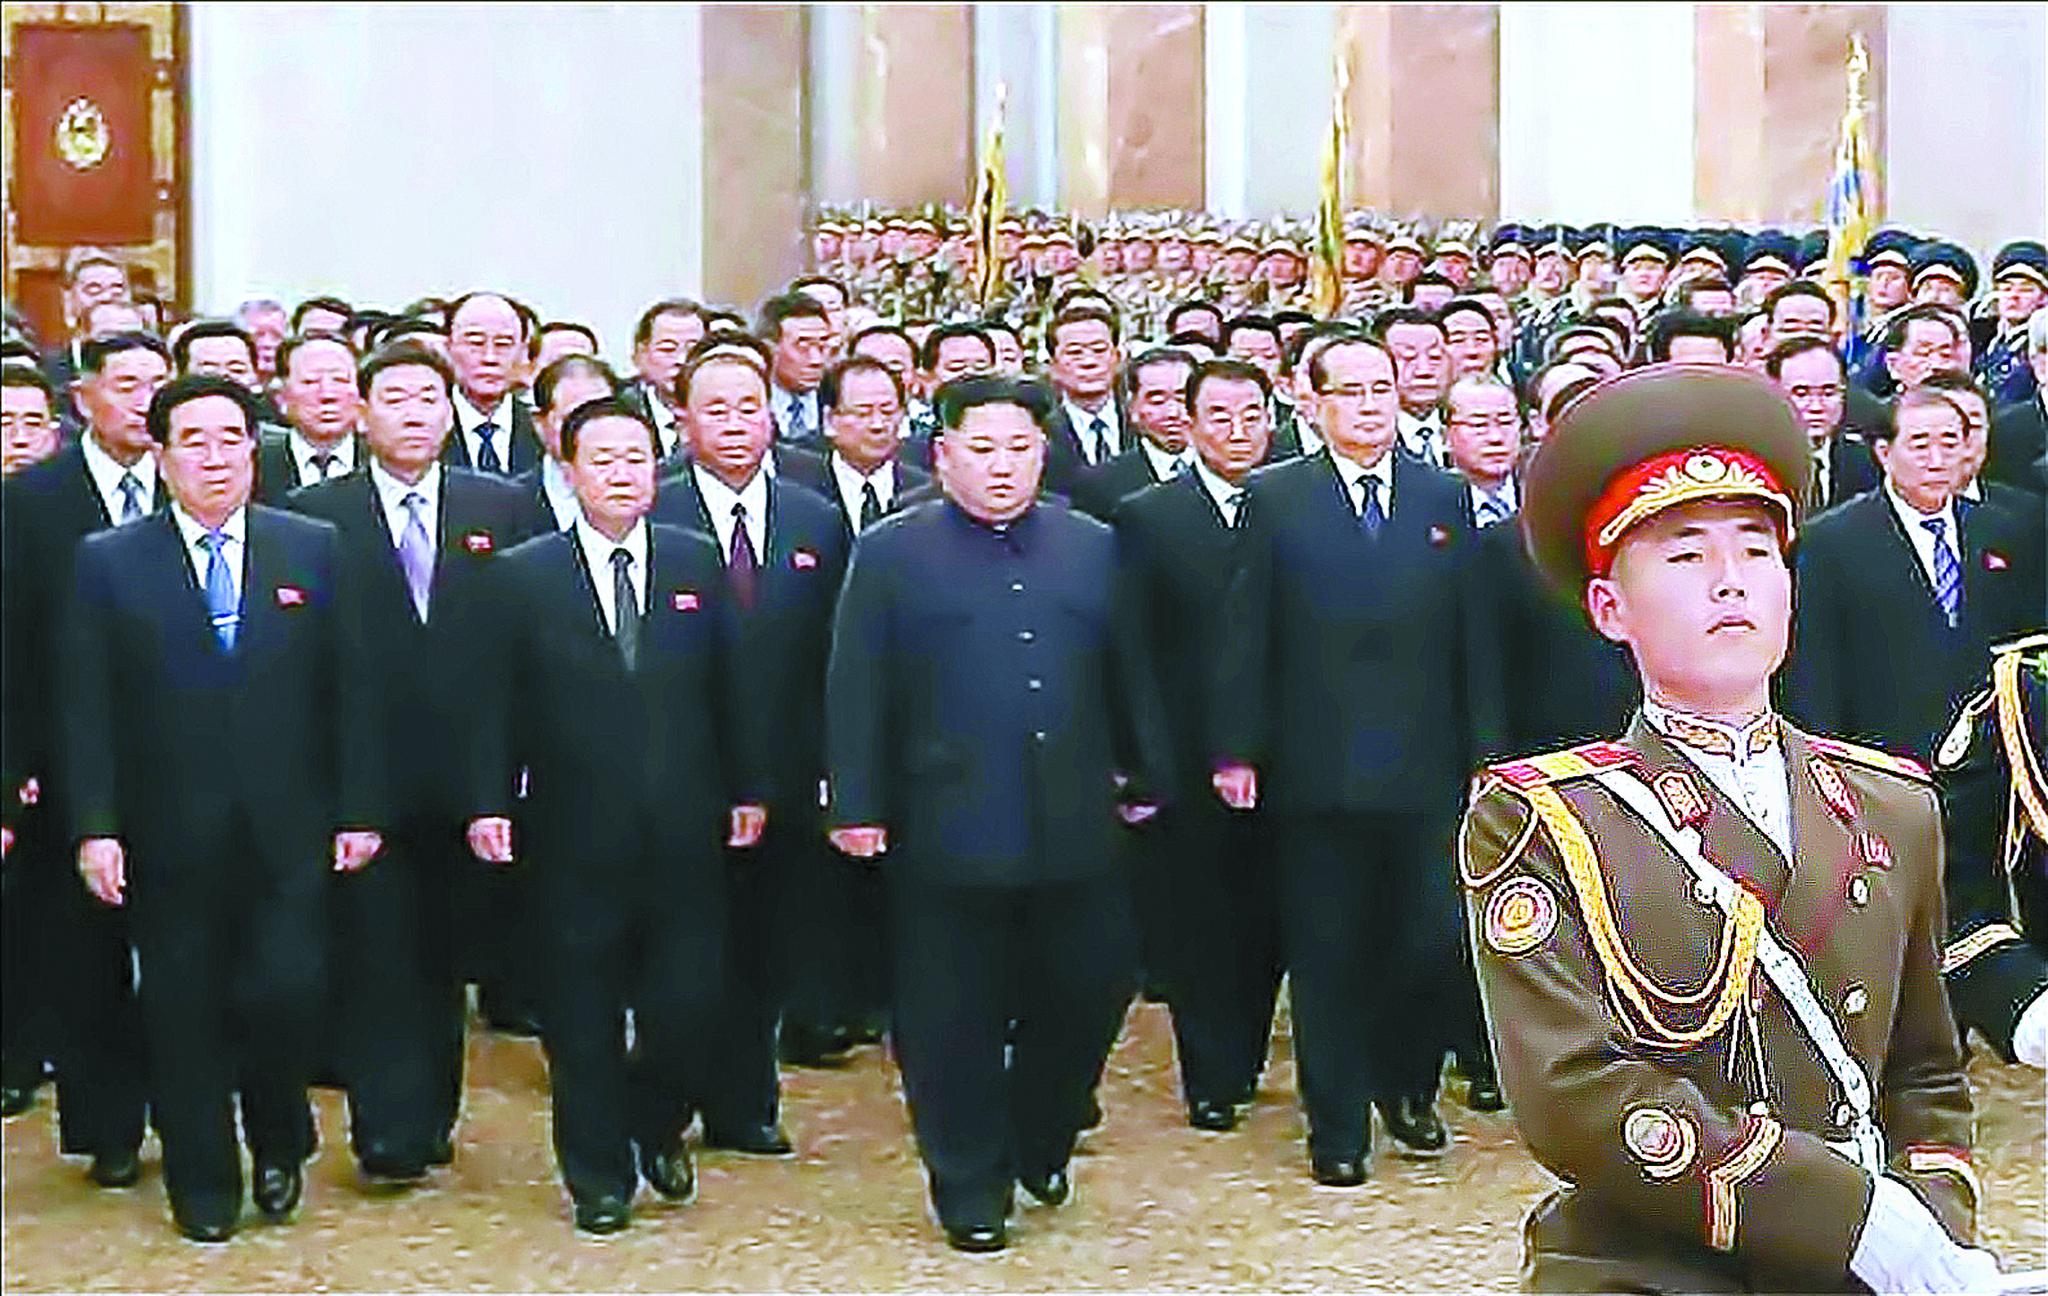 김정은 북한 국무위원장이 김정일 국방위원장의 7주기를 맞아 금수산태양궁전을 찾아 참배했다. [연합뉴스]